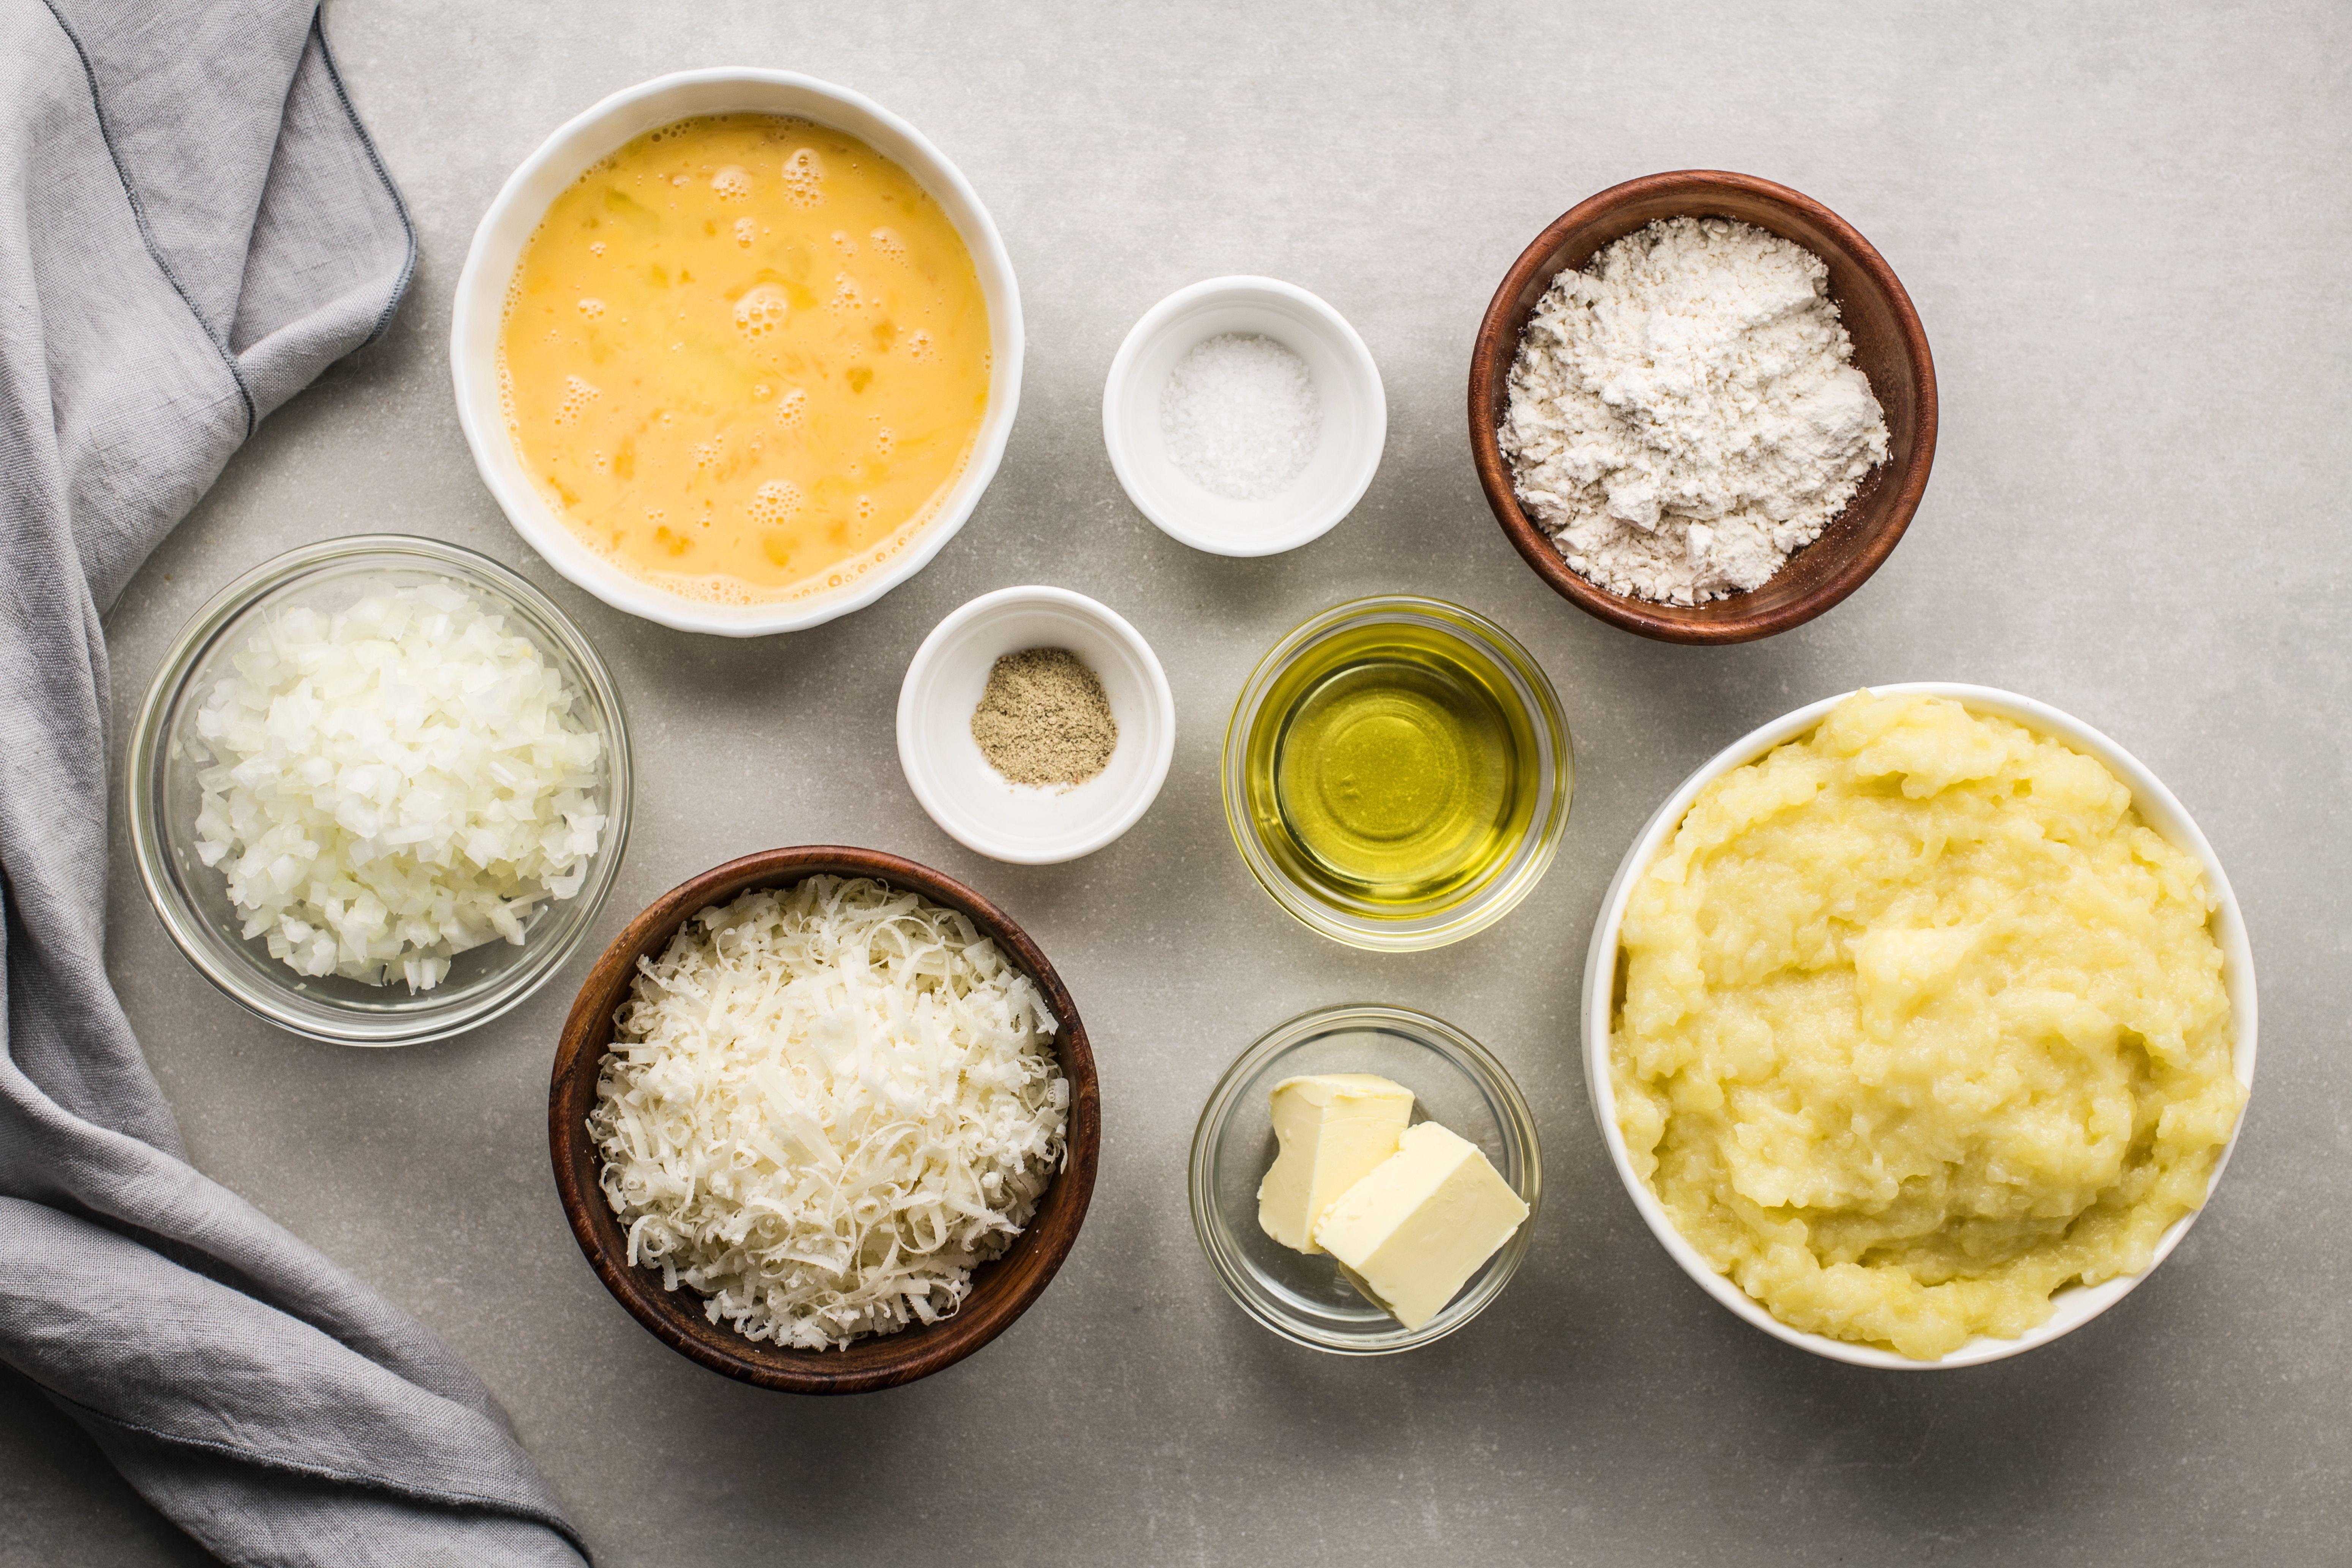 Ingredients for crispy potato patties